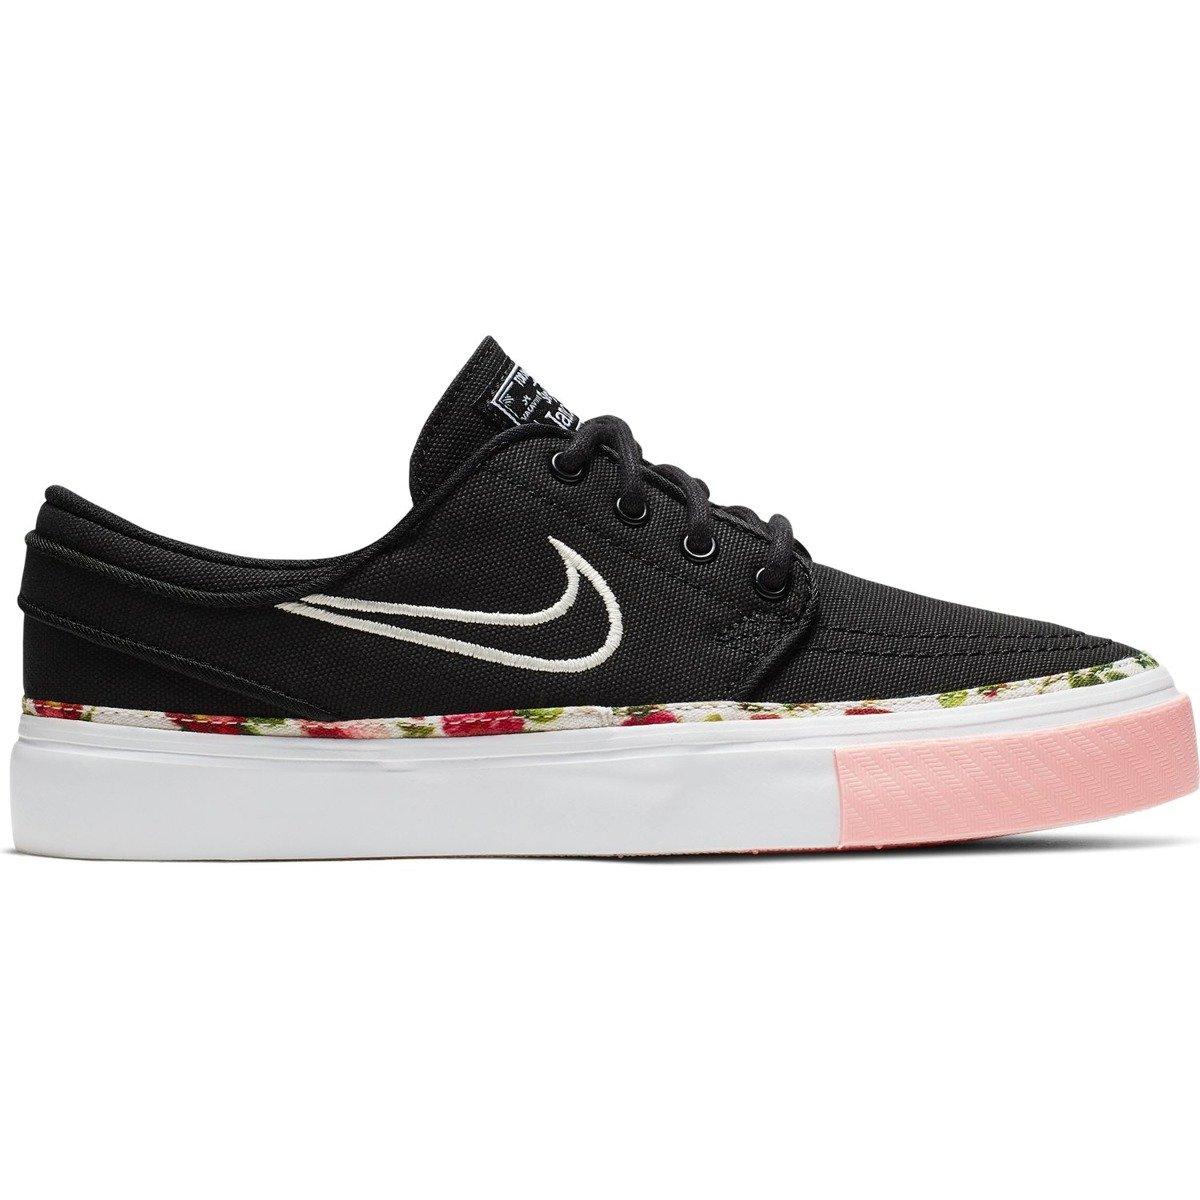 nieźle kody promocyjne więcej zdjęć buty Nike Sb Stefan Janoski Vf Black/black-pink Tint-pale Ivory